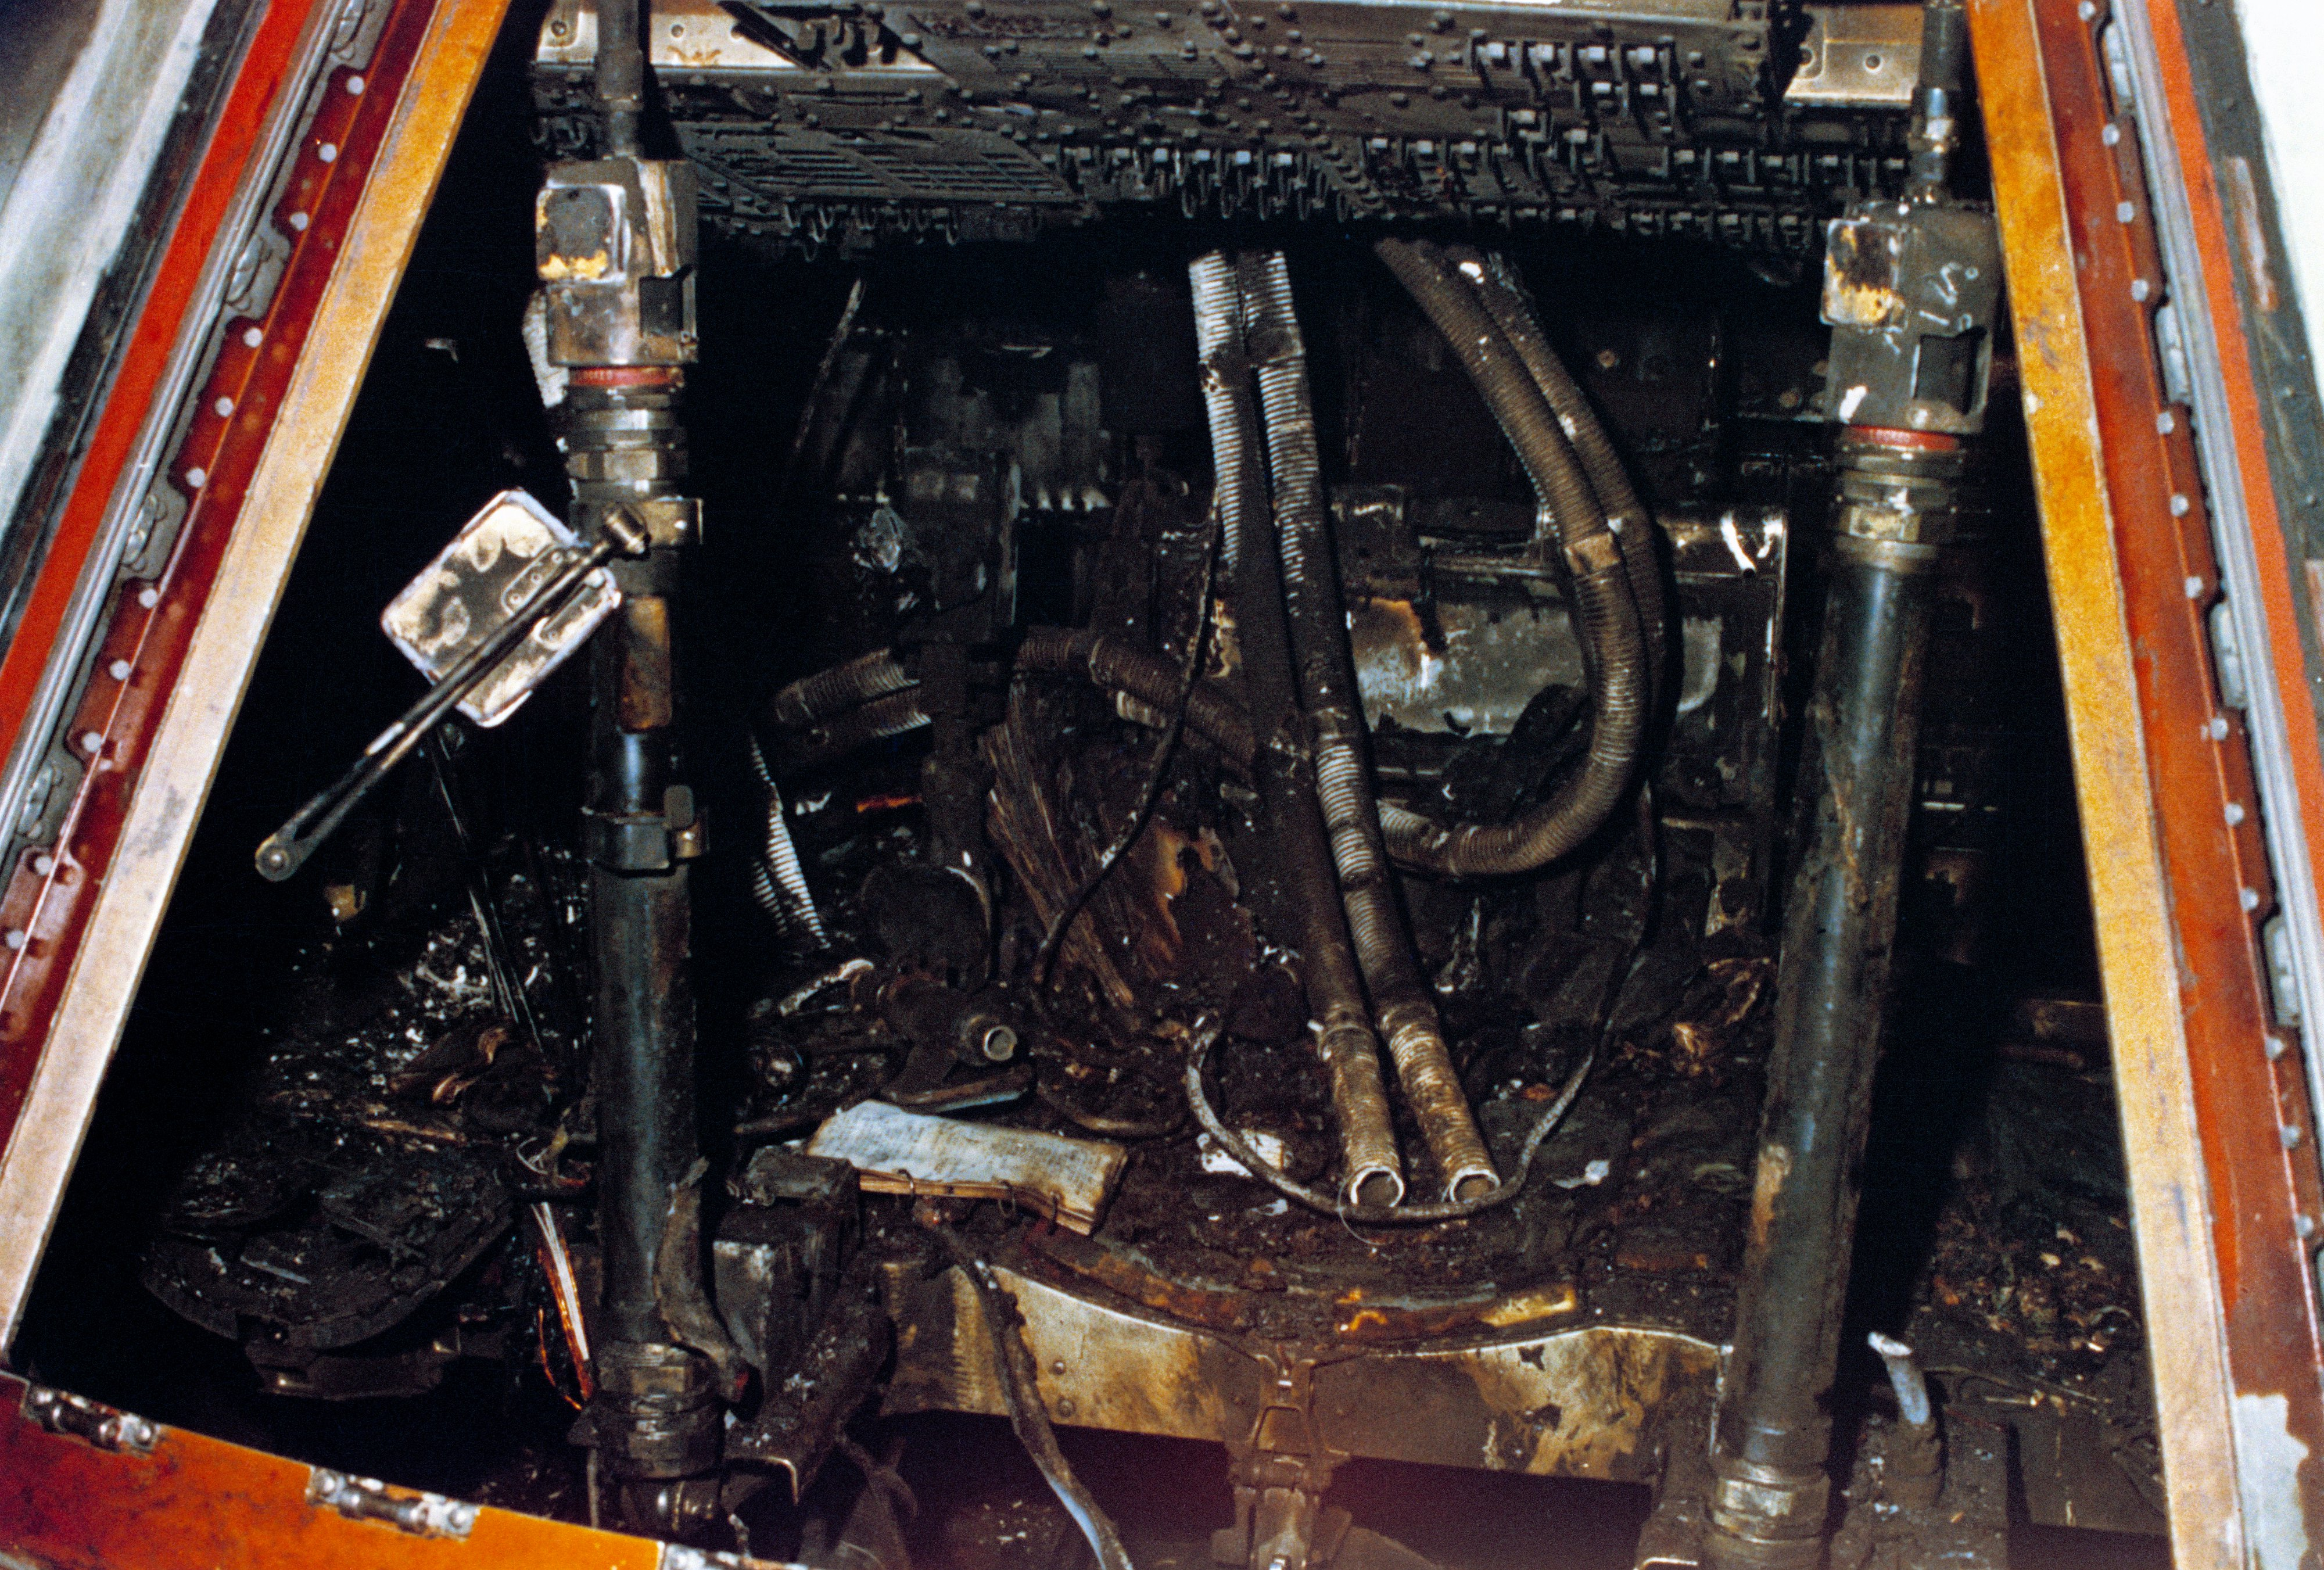 astronauts apollo 1 fire - photo #3